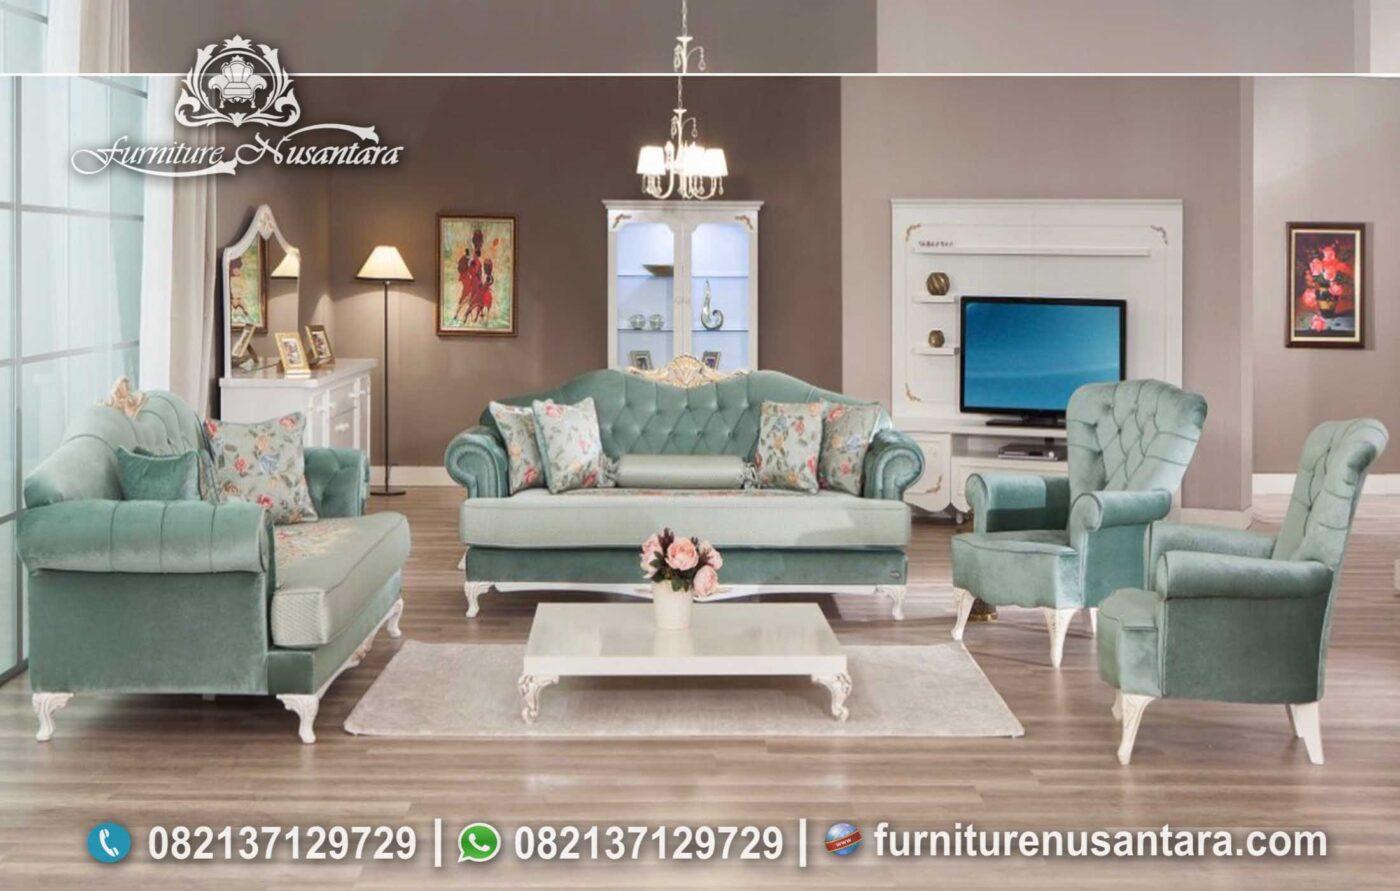 Sofa Terbaru Warna Hijau Muda ST-54, Furniture Nusantara